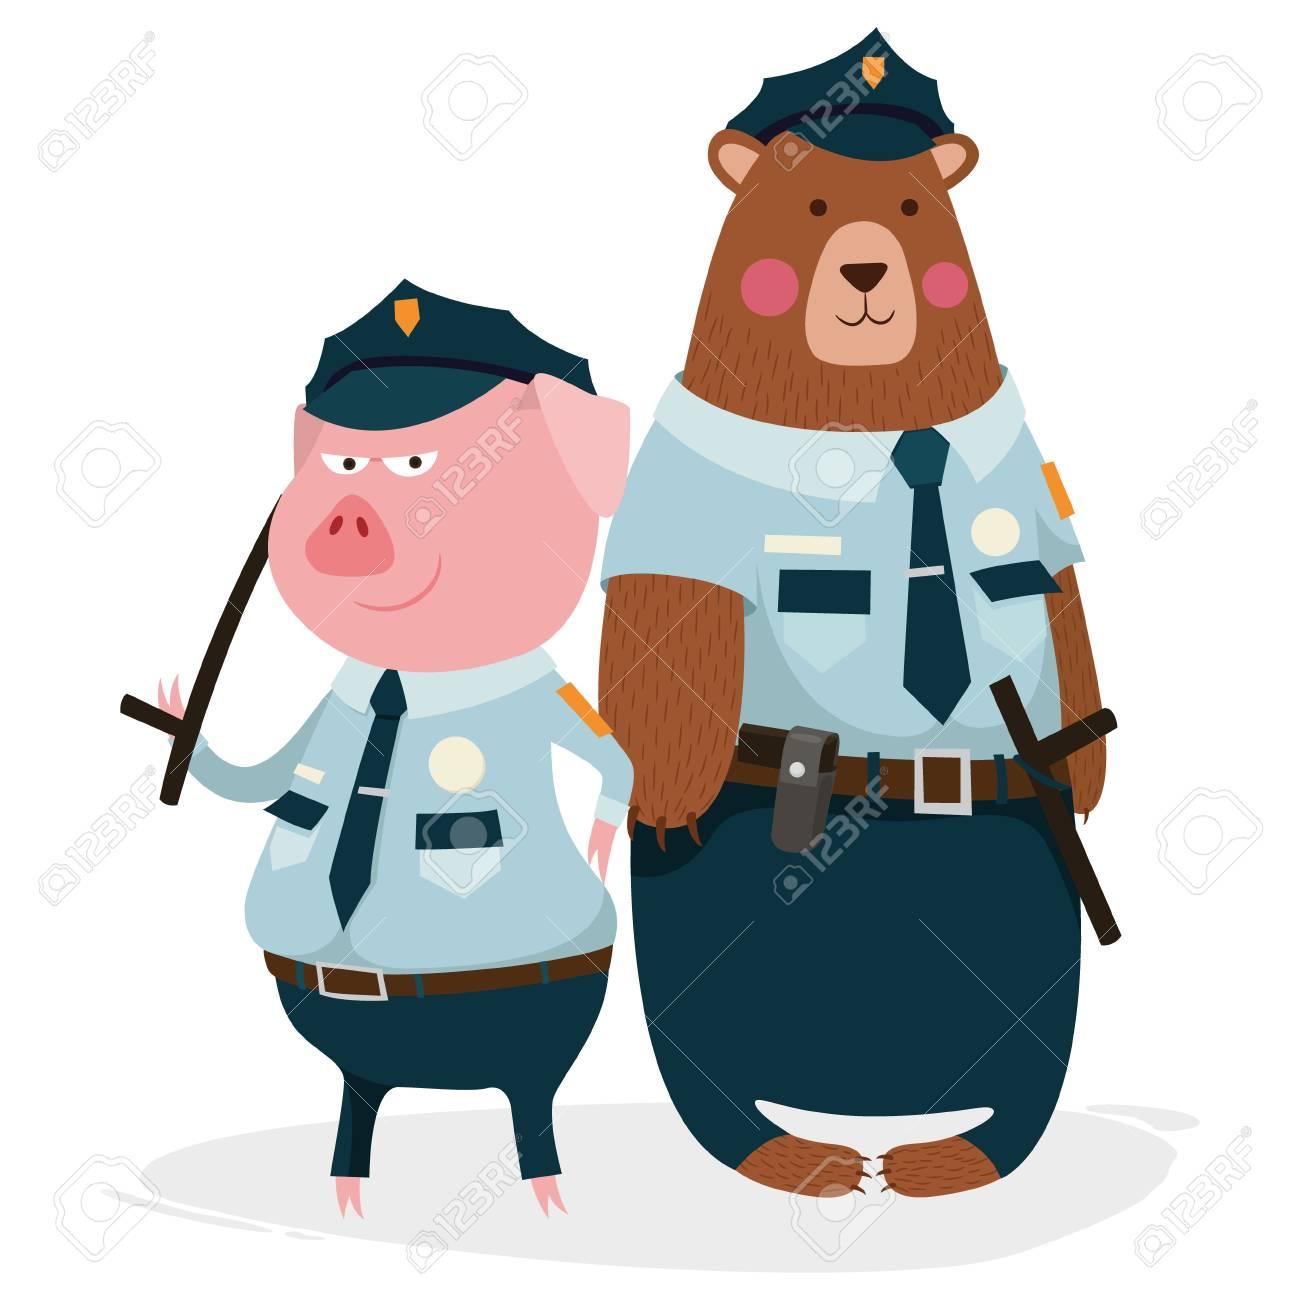 クマとブタの警官文字仲間 ロイヤリティフリークリップアート、ベクター